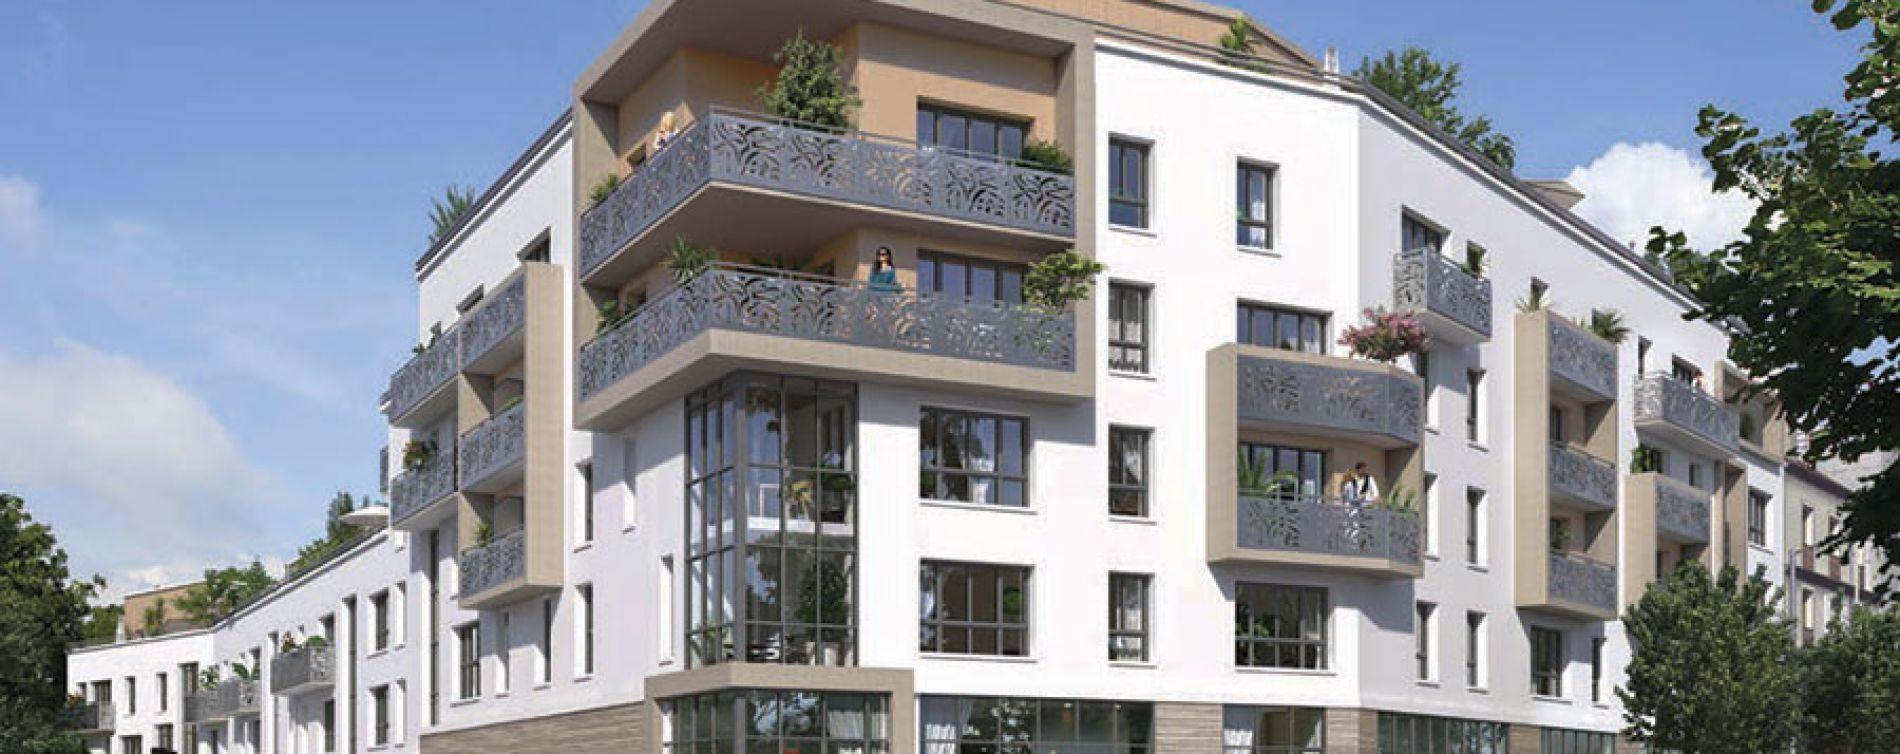 Saint-Denis : programme immobilier neuve « Programme immobilier n°211563 »